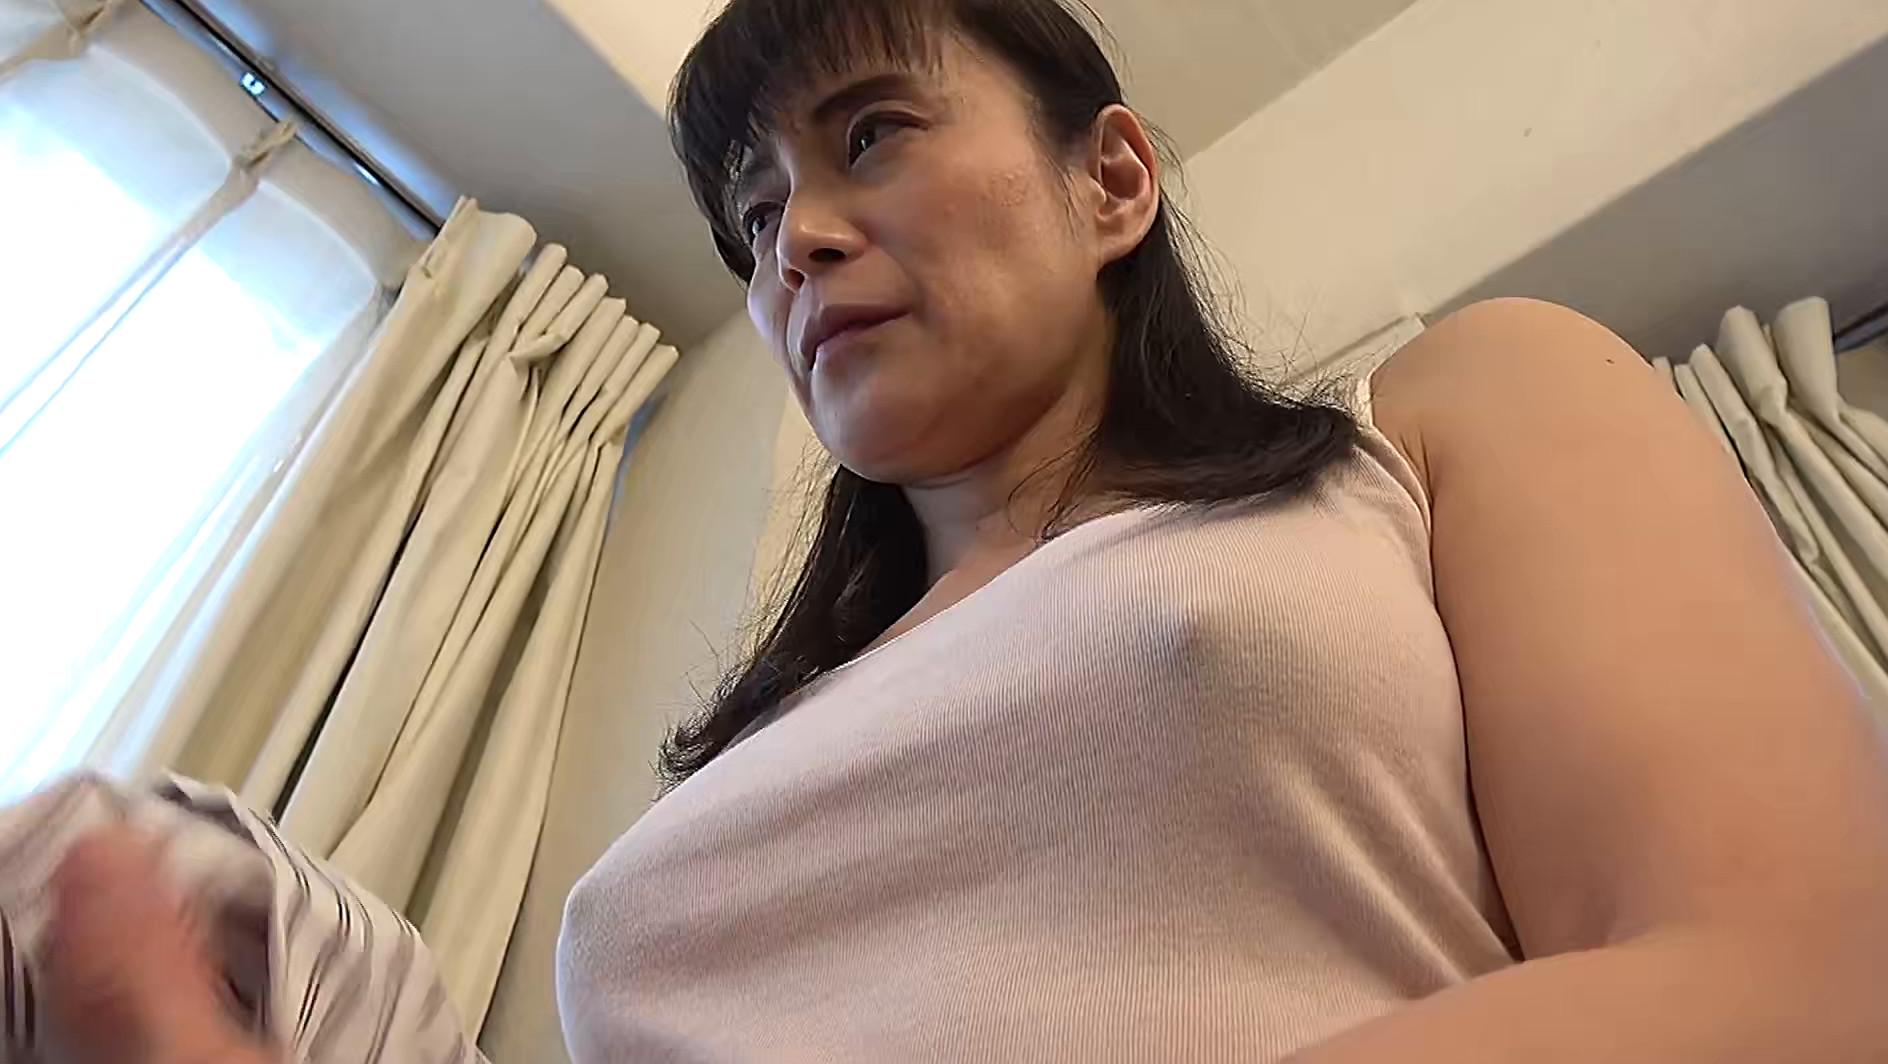 【四十路】芝居素人妻 里枝子 46歳,のサンプル画像2